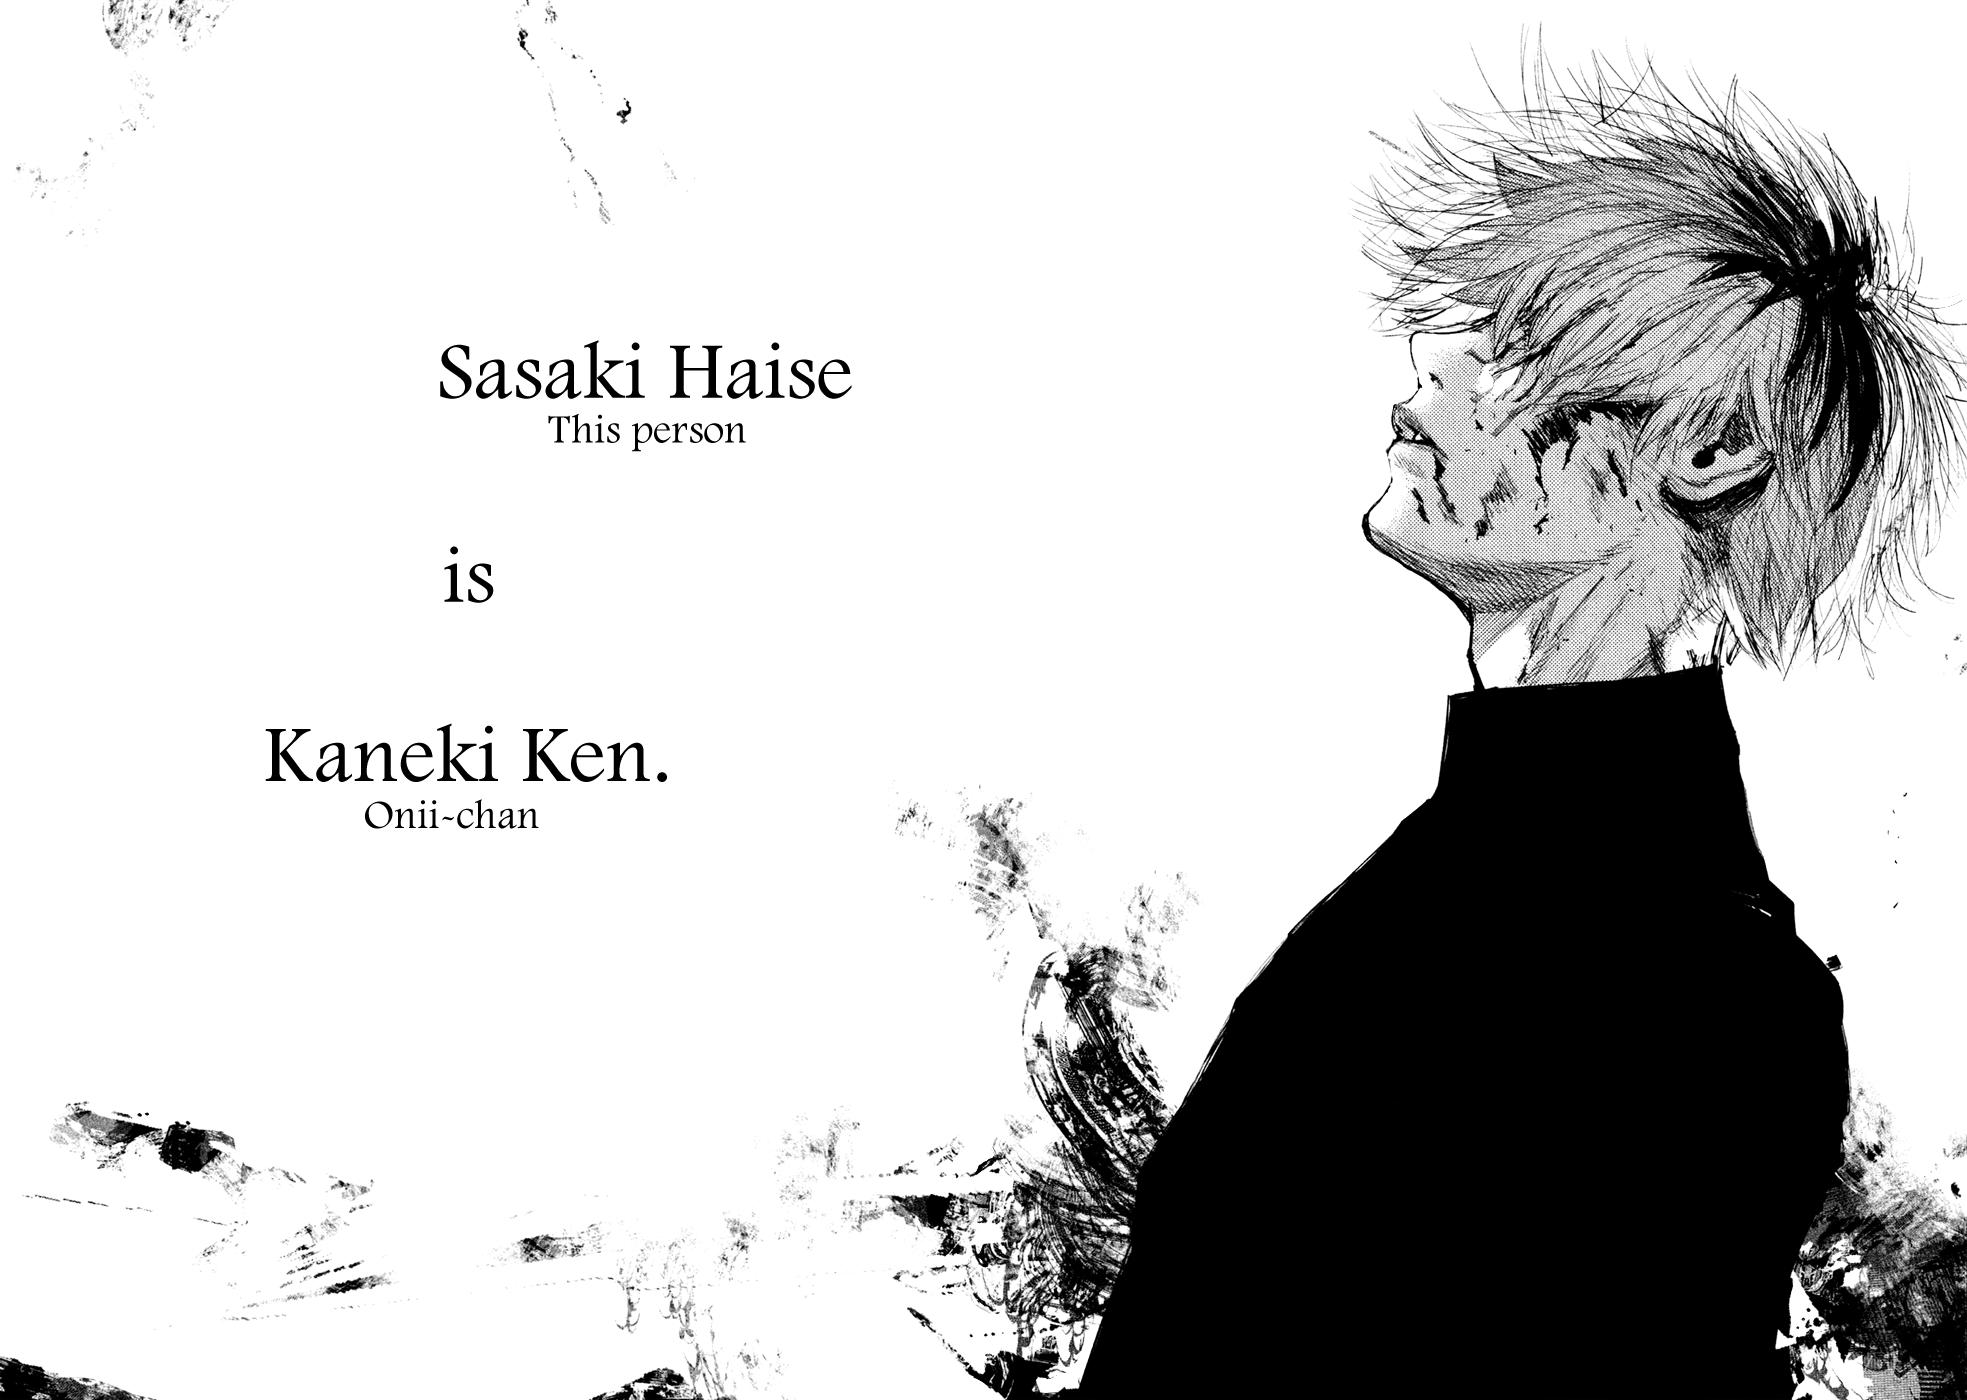 Ken Kaneki Pfp Manga Panel Tokyo Ghoul Re Chapter 30 Kaneki Profile Picture Know Your Meme